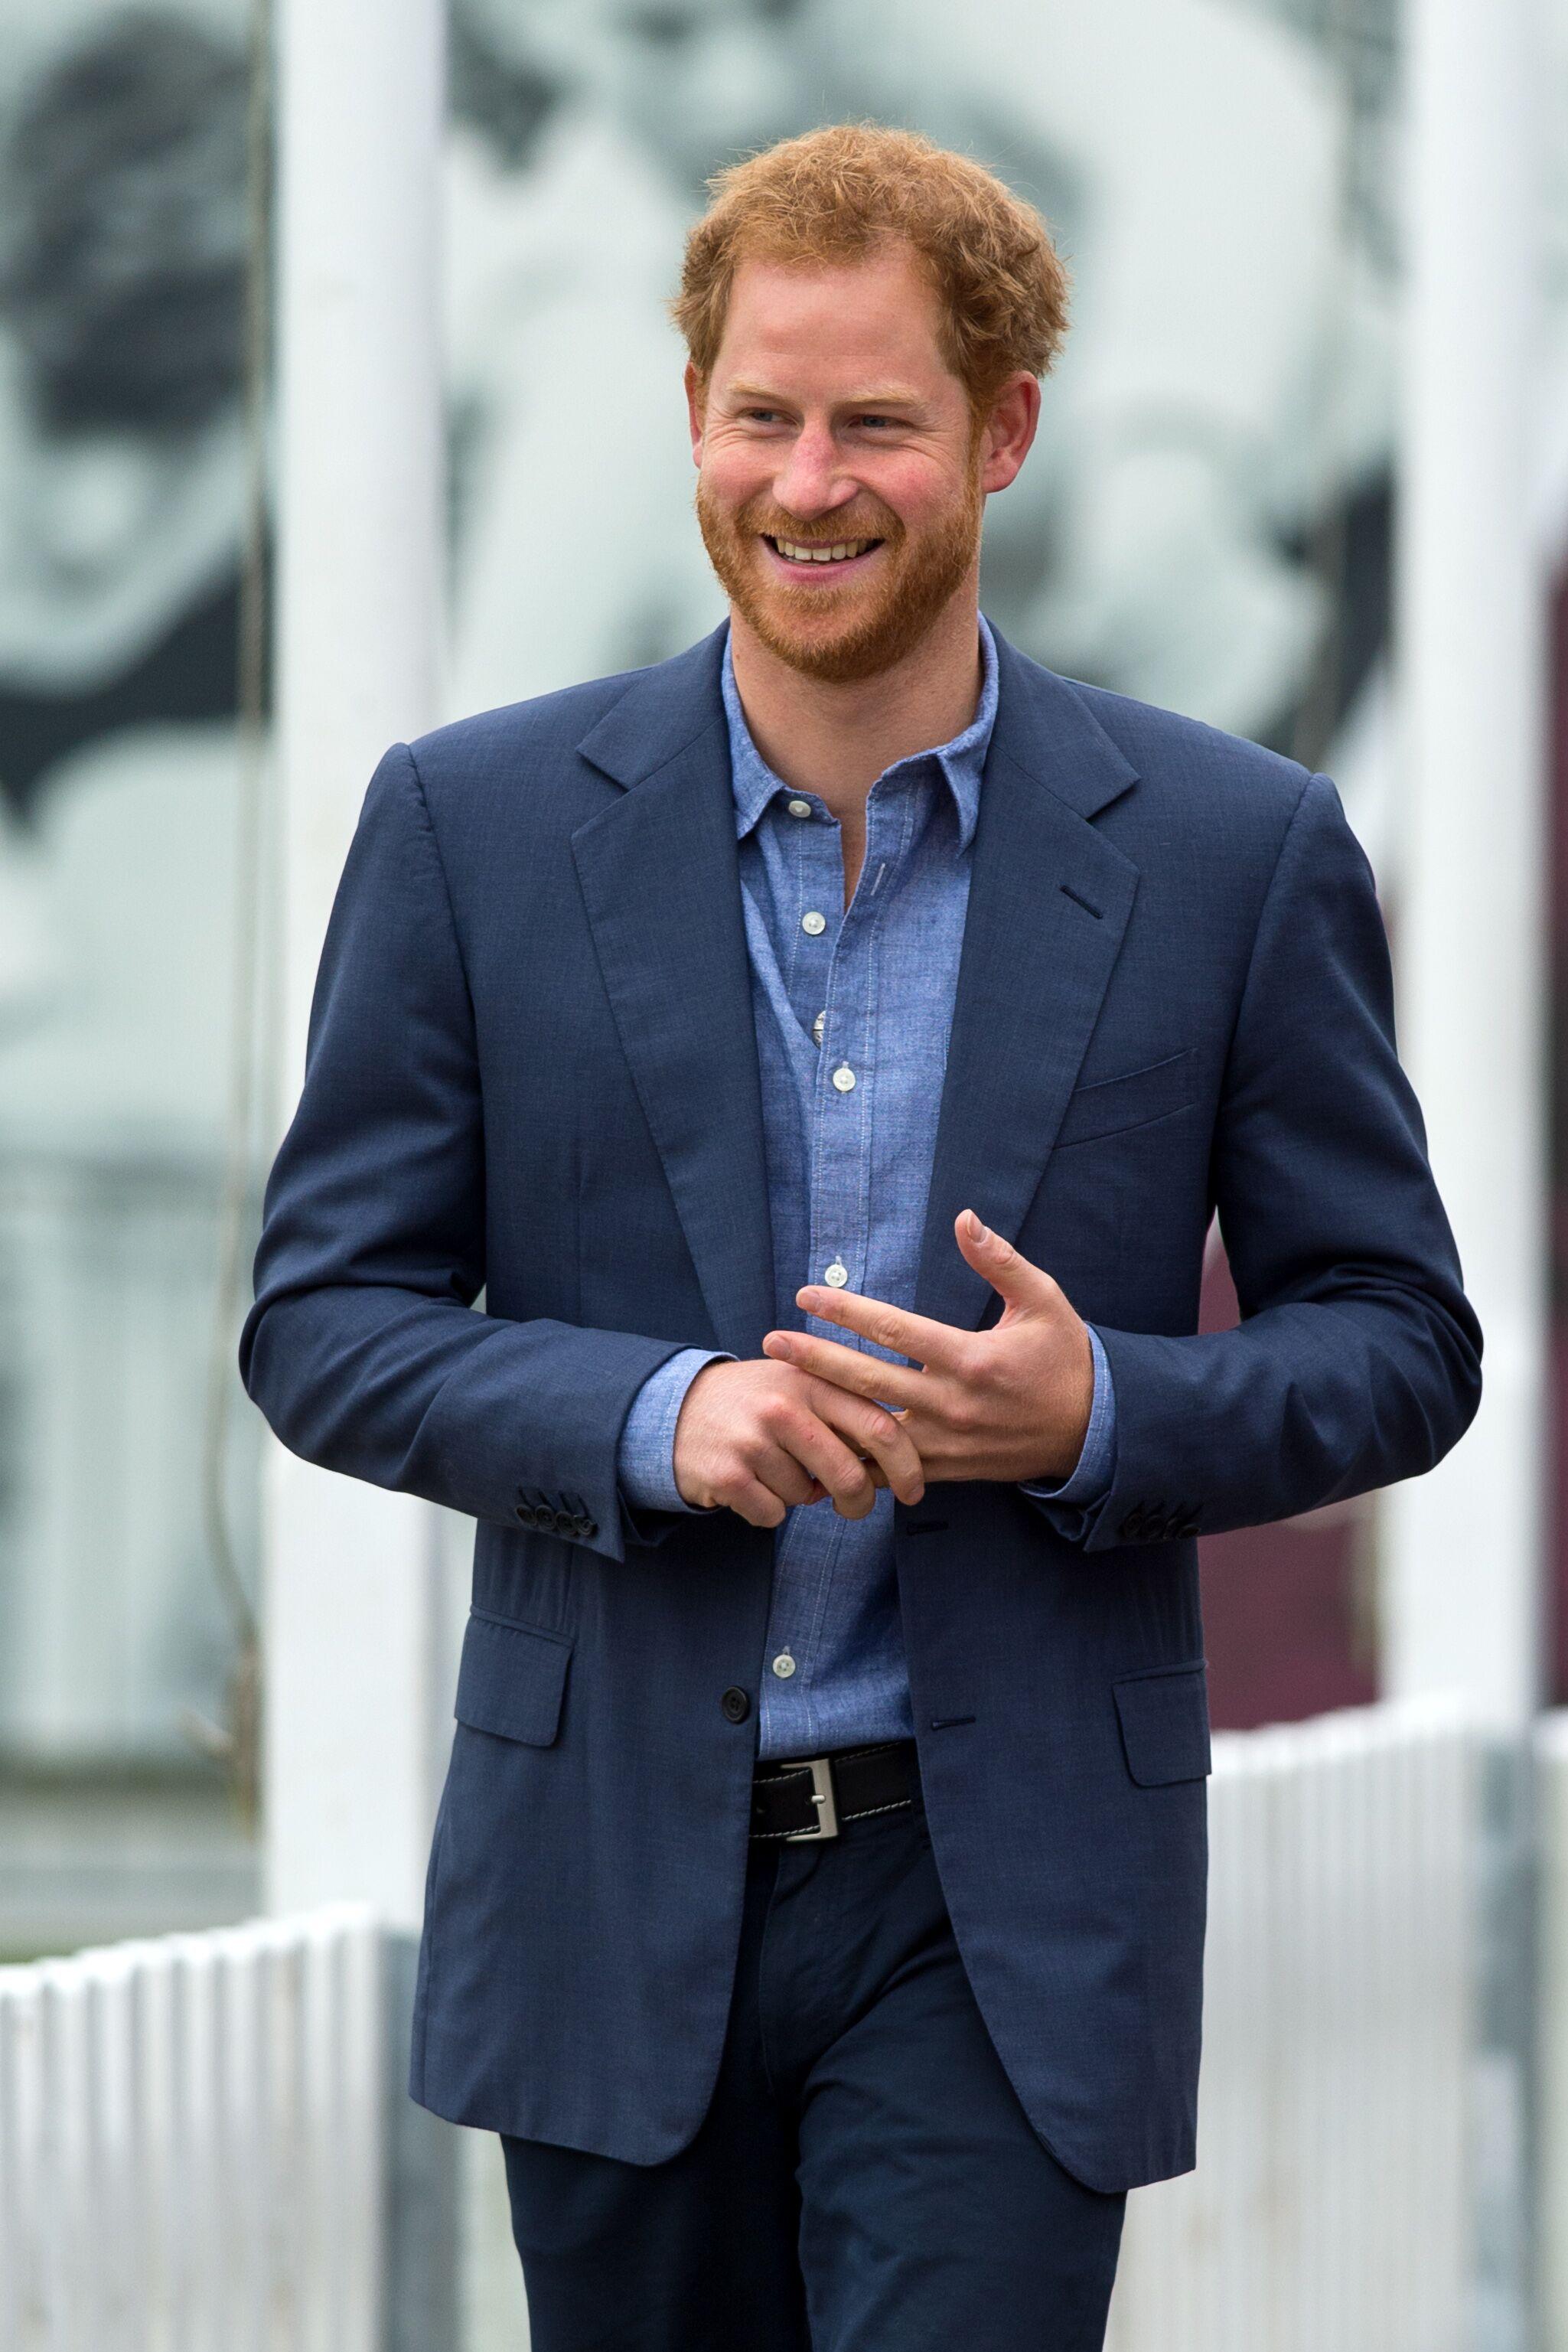 Le prince Harry participe à une séance d'entraînement lors d'une célébration de l'expansion de l'entraîneur-chef au Lord's Cricket Ground.|Source: Getty Images